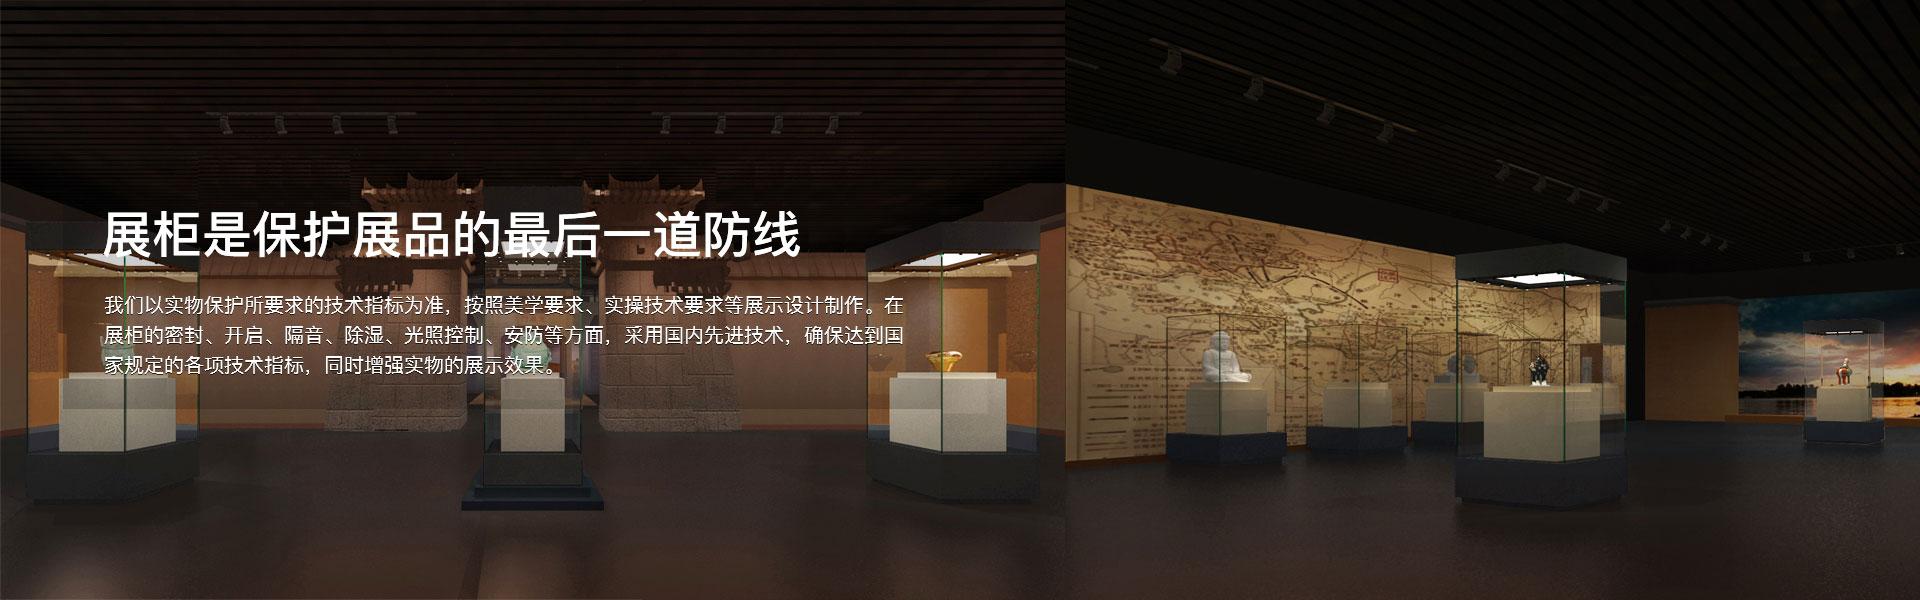 郑州龙灯广告有限公司